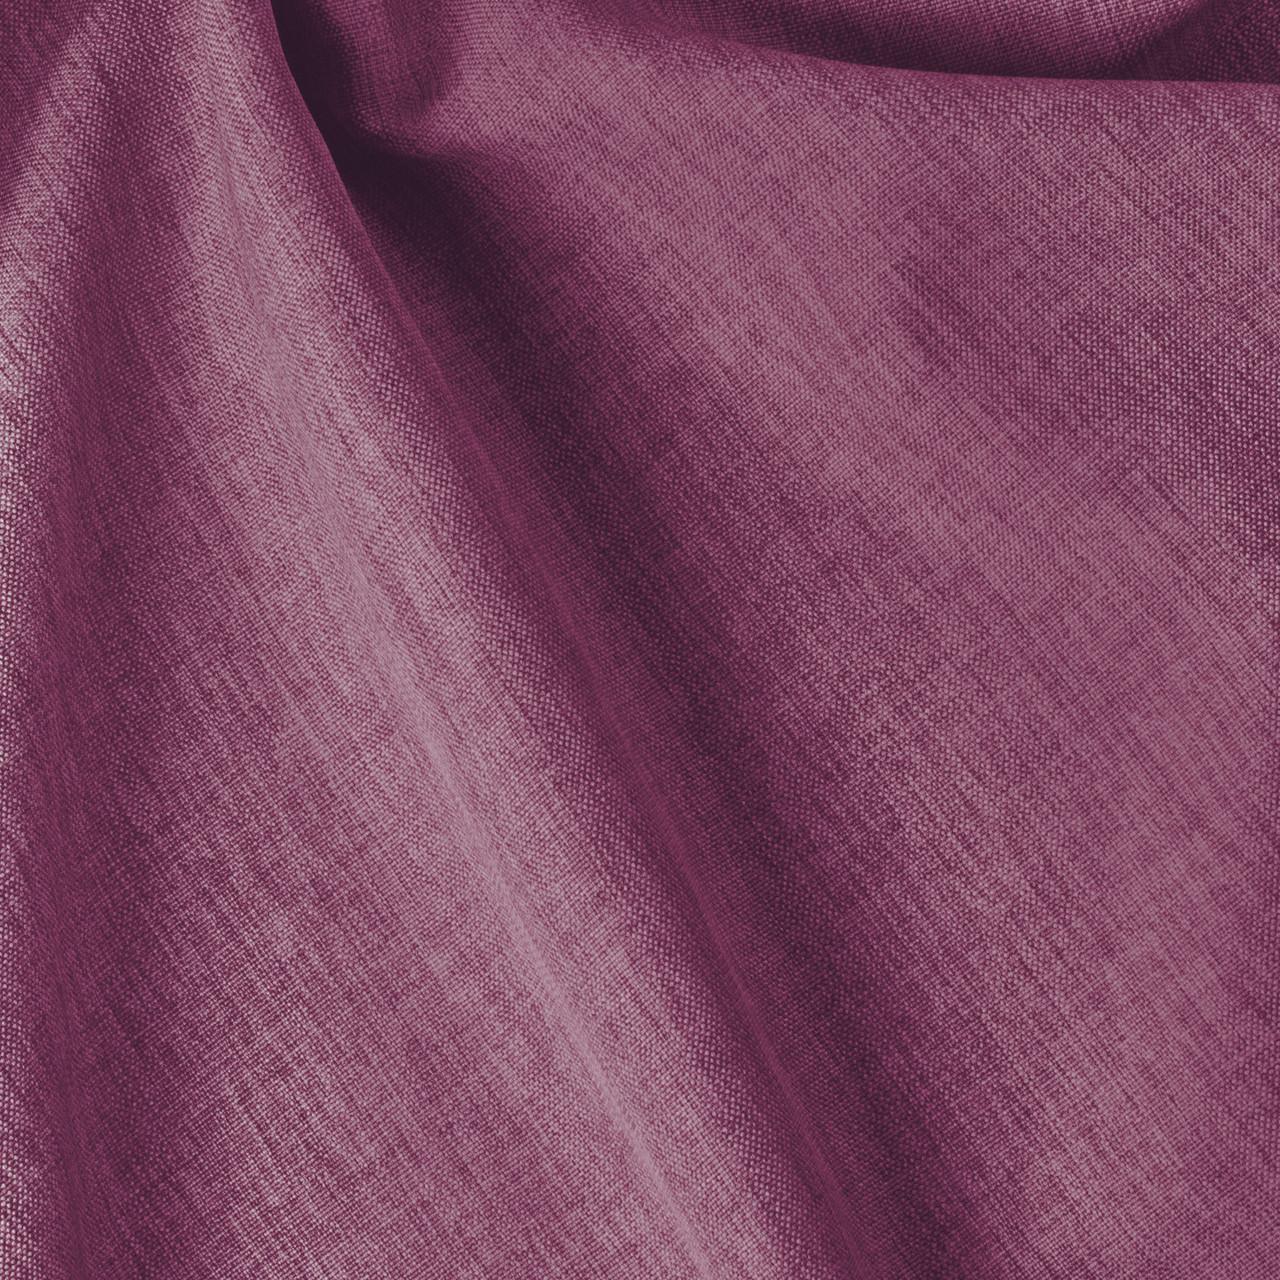 Декоративна однотонна тканина рогожка фіолетового кольору для штор 84459v16